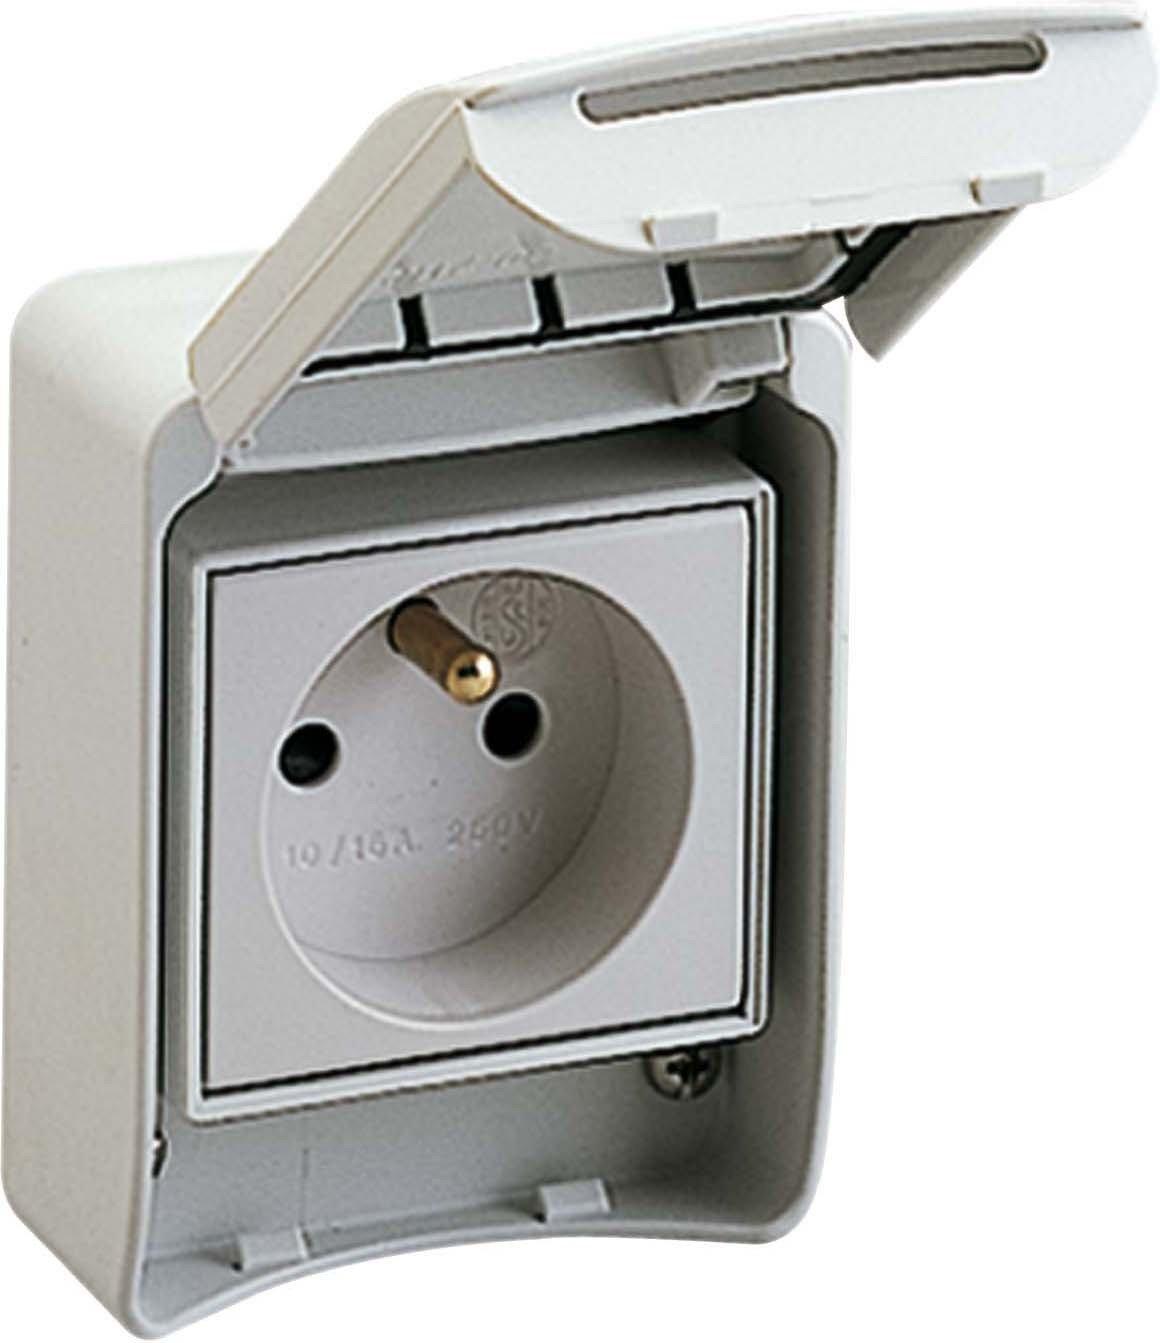 81140 Schneider Electric Socket PratiKa, 2P+T Pô les, 10/16 A, 250V, Gris 2P+T Pôles